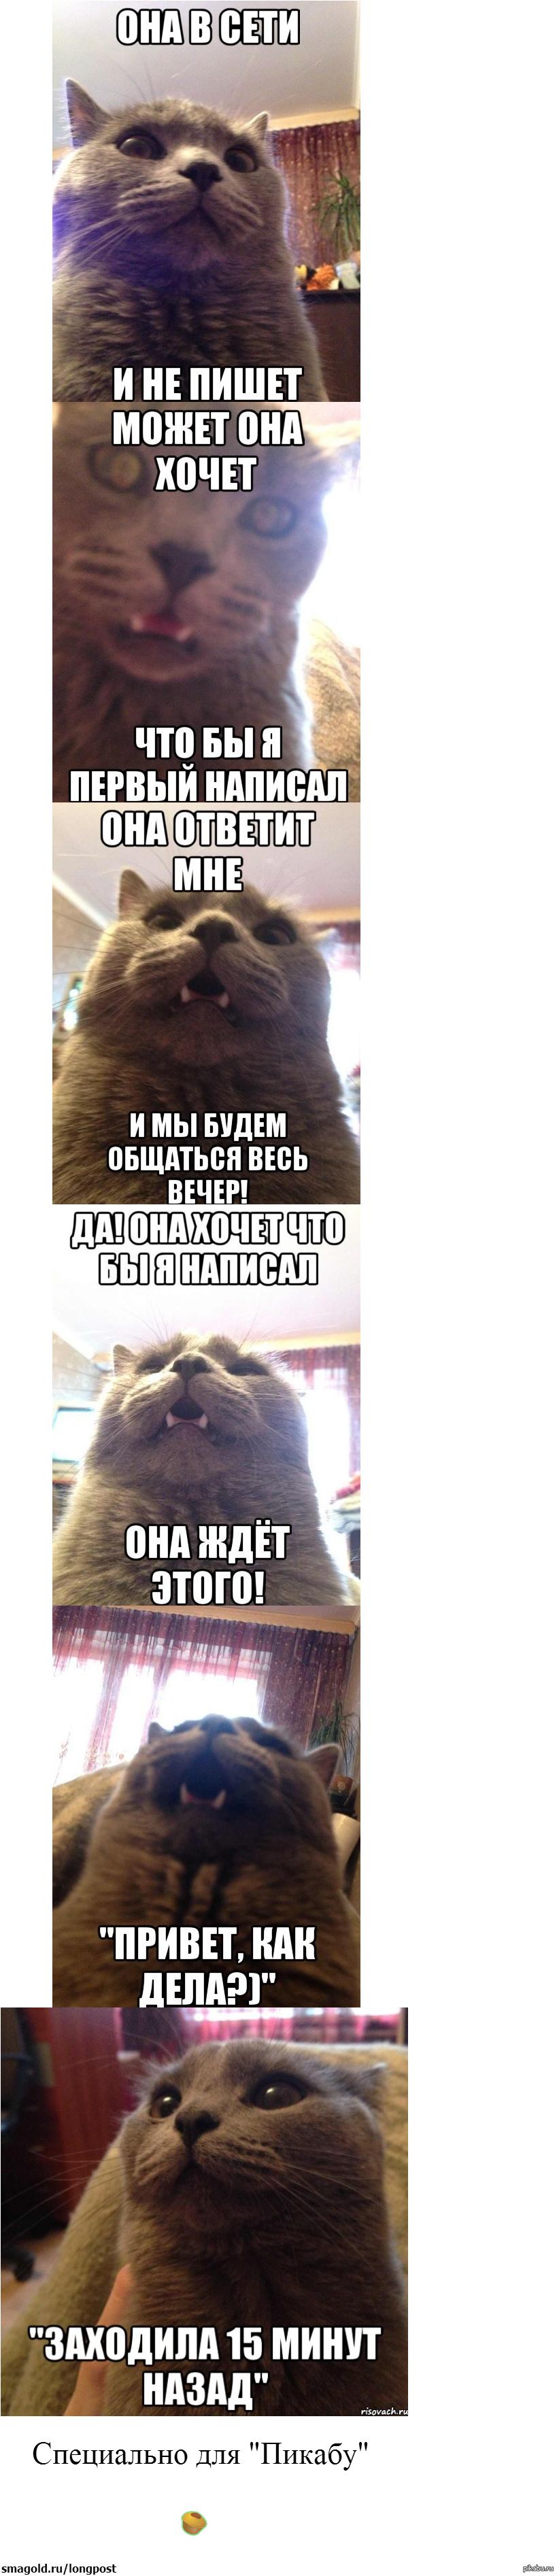 Кот пишет текст